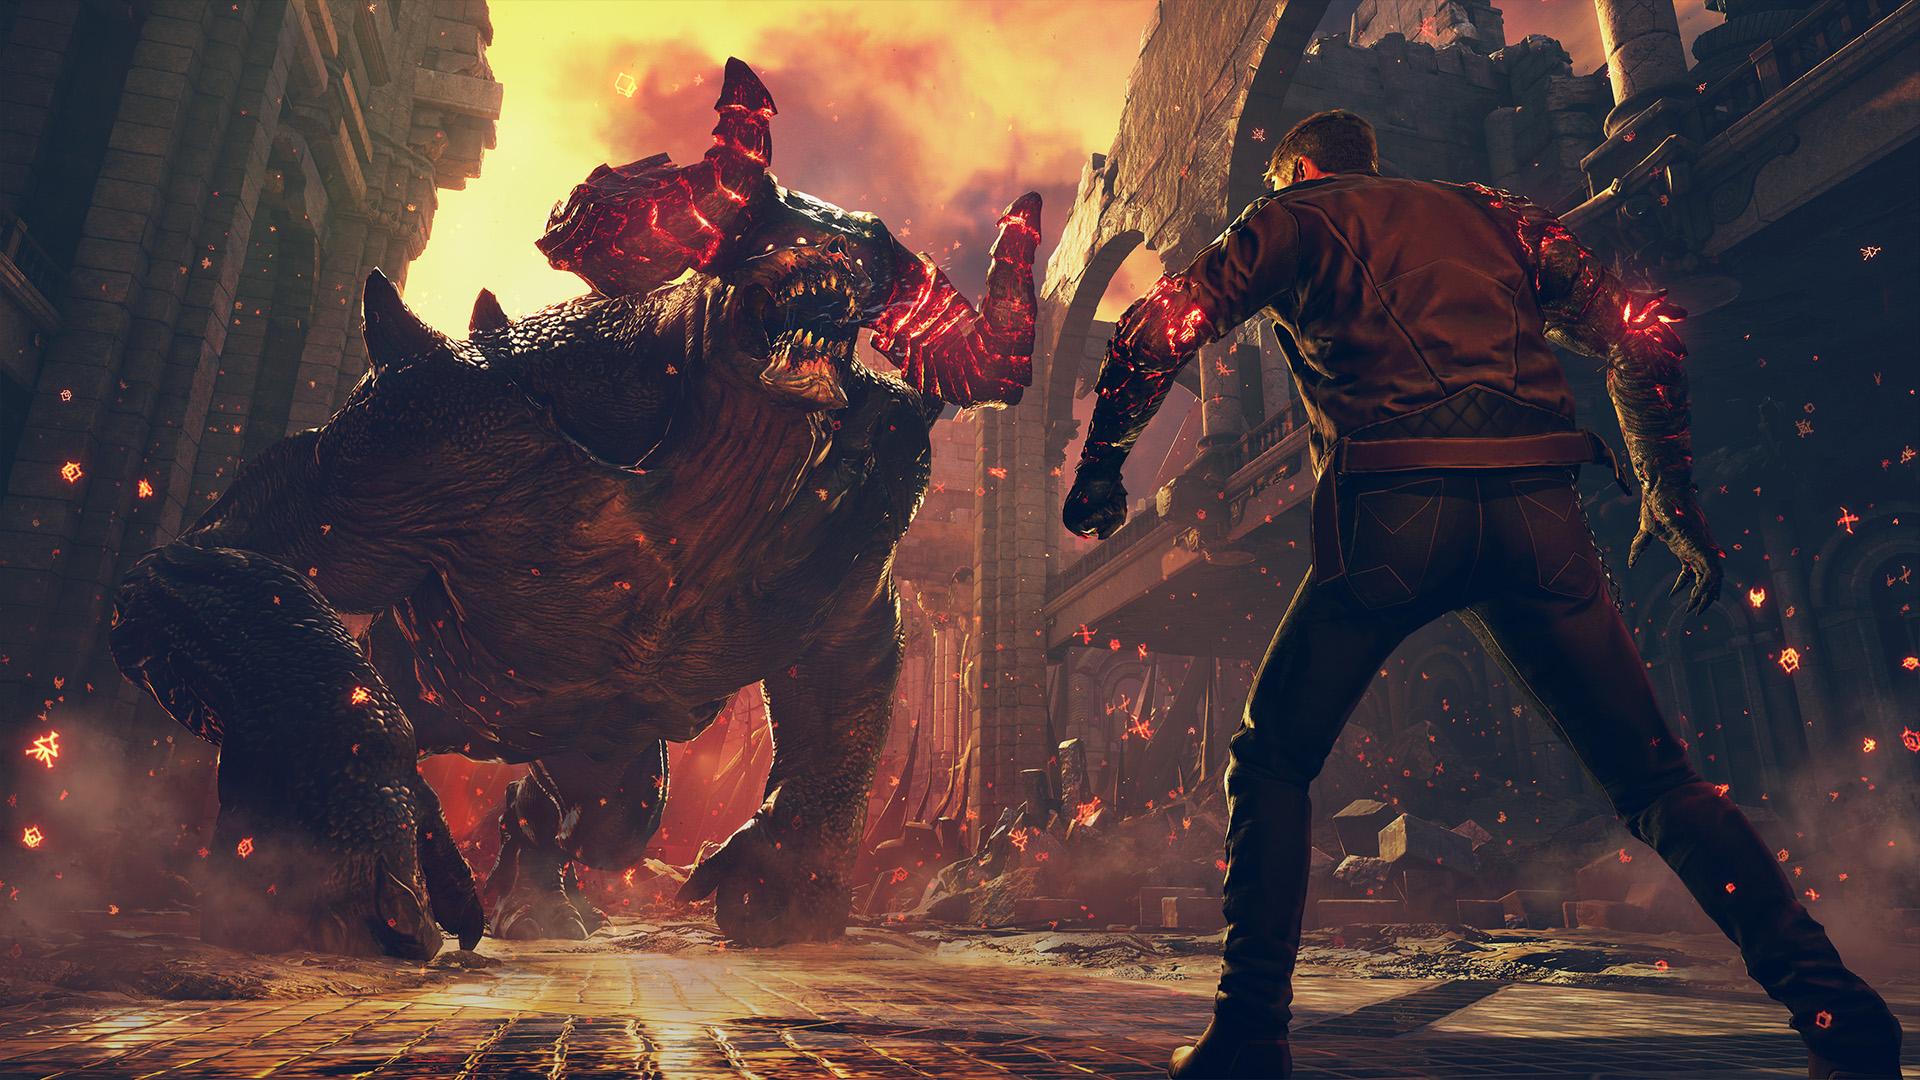 Devils Hunt Image 2